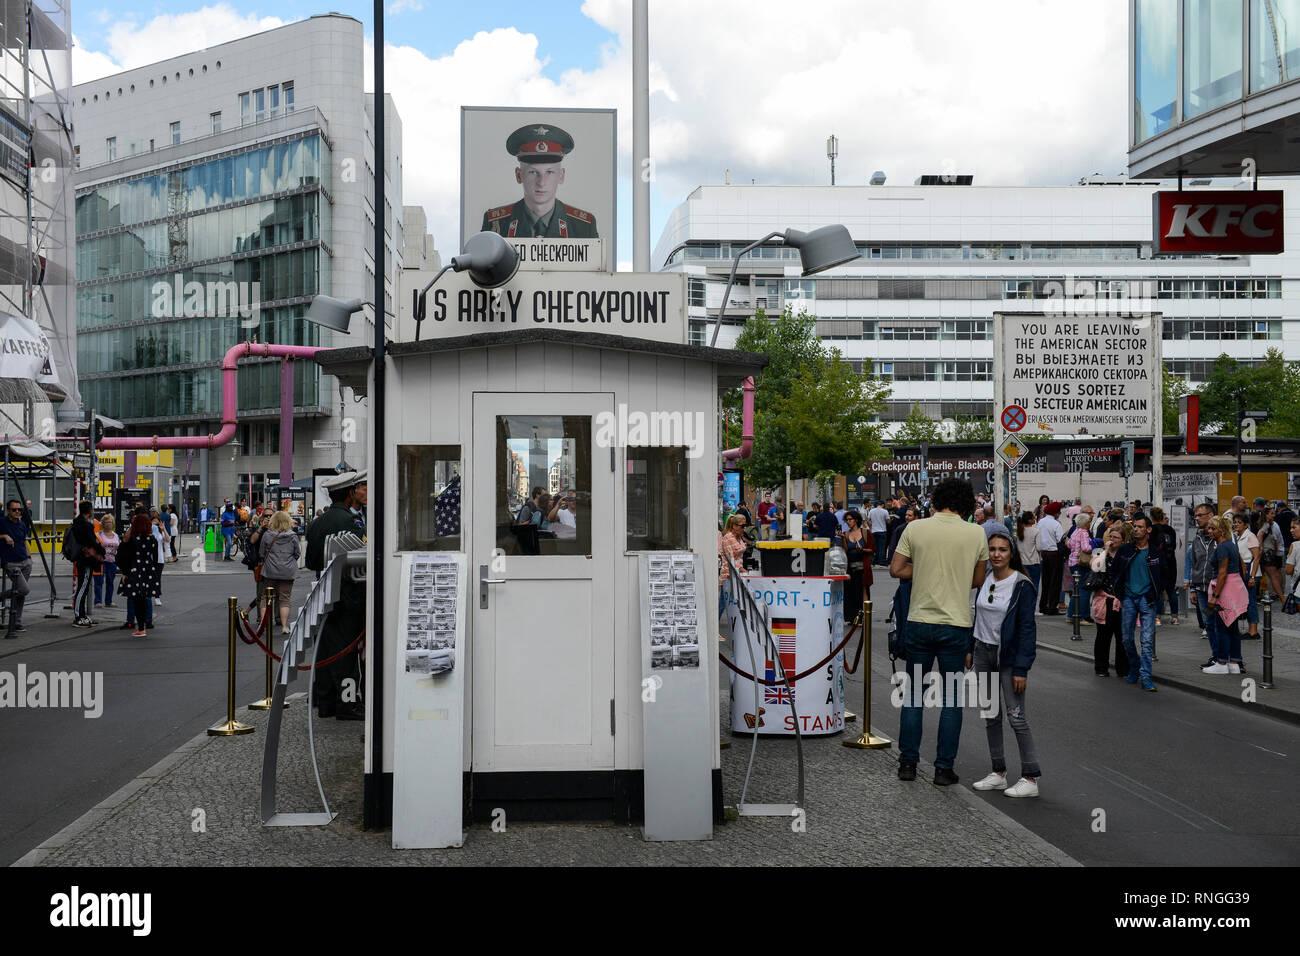 Allemagne, Berlin, le mur, célèbre gare frontière Checkpoint Charly après la guerre froide Photo Stock